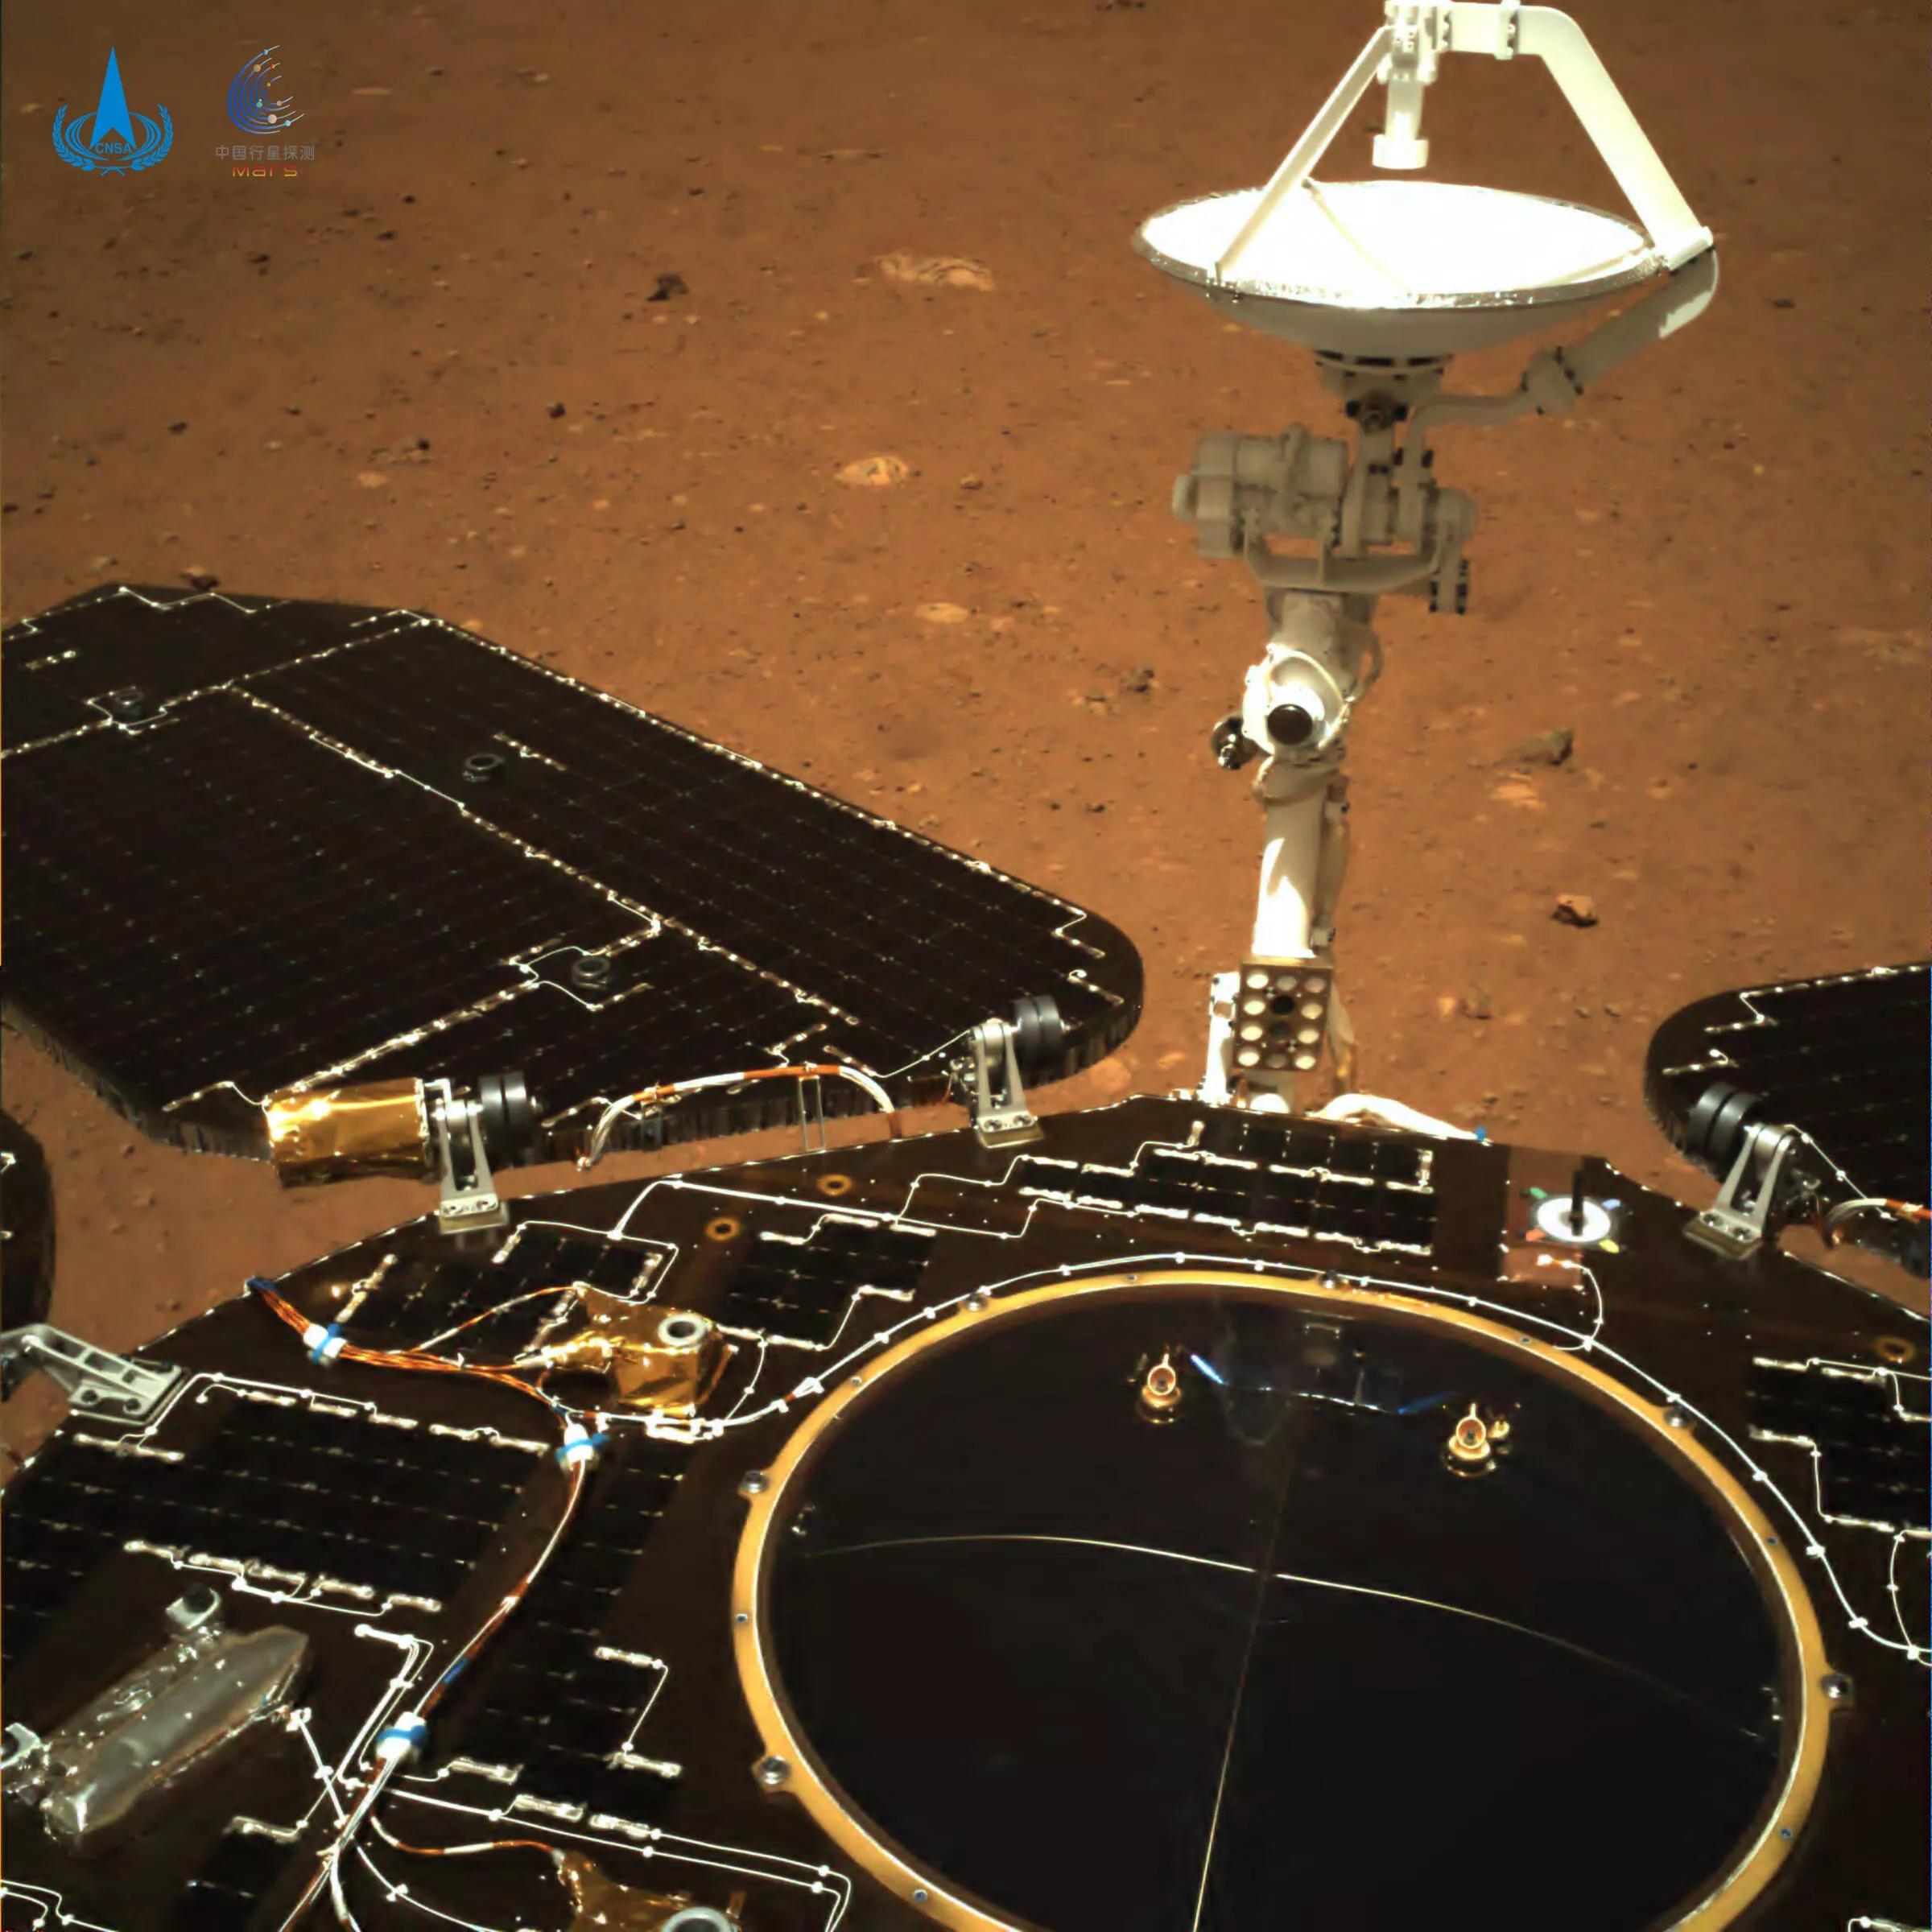 Марсоход Zhurong сделал это частичное селфи на Марсе с помощью задней навигационной камеры.